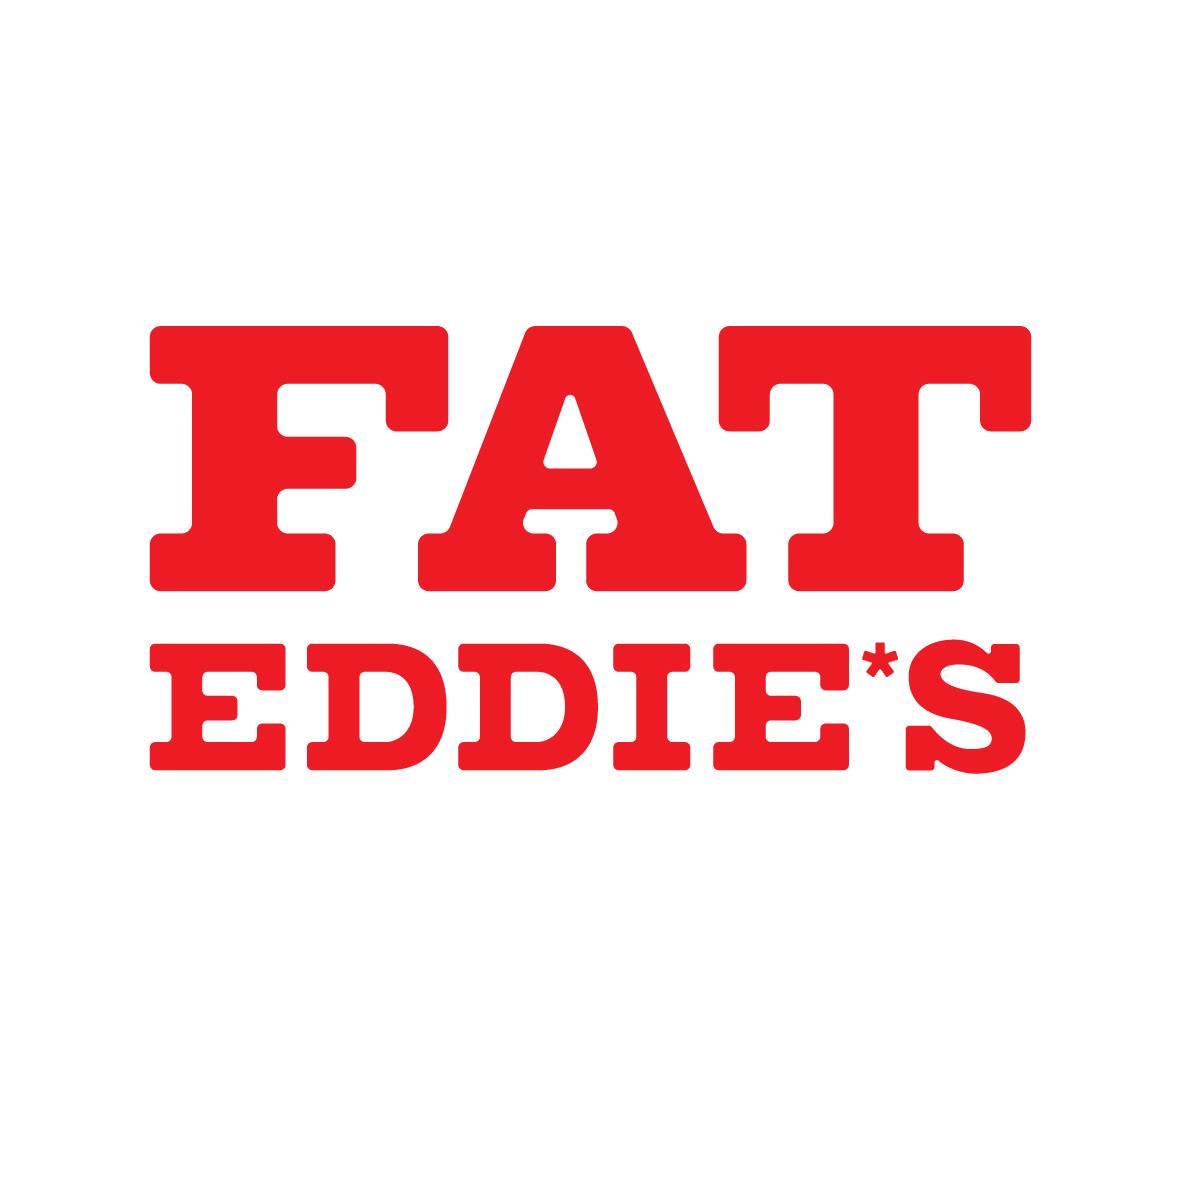 FatEddiesLogo.jpg